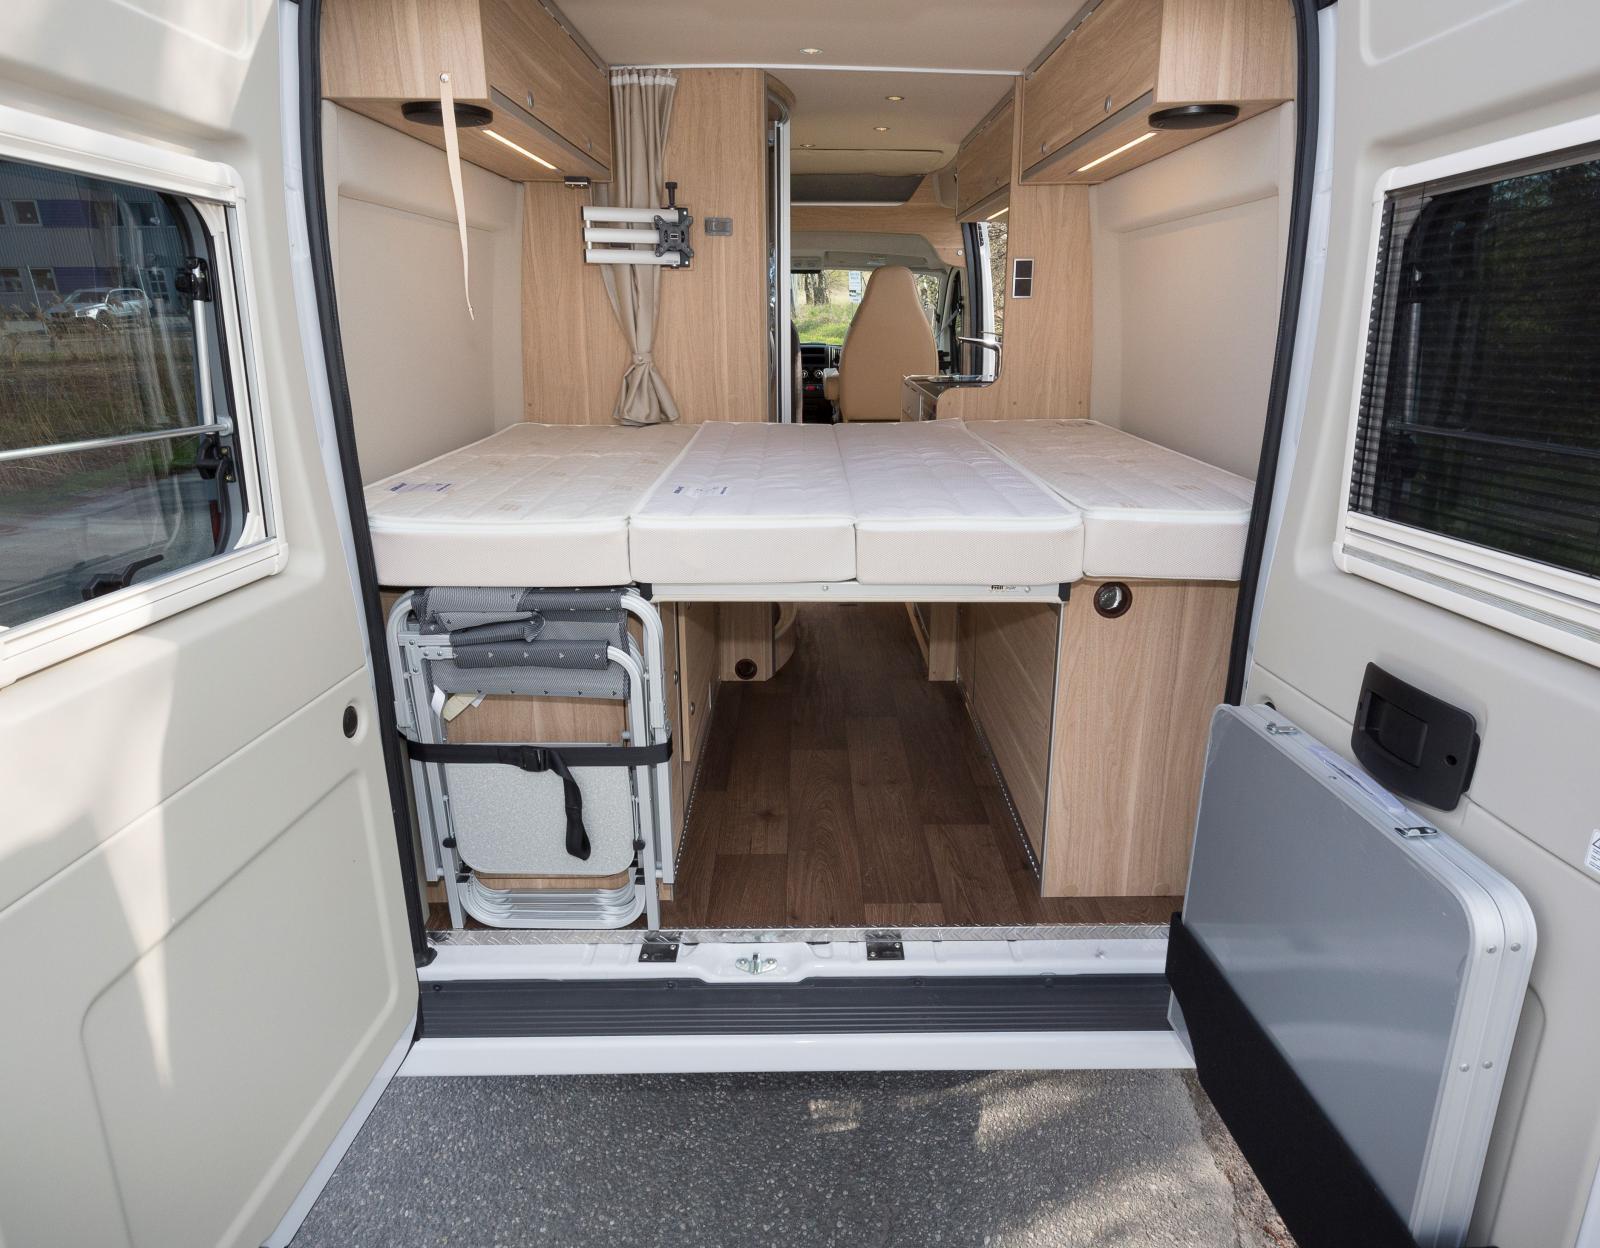 Under sängen bak finns förvaring och ofta även vattentank, batteri, gasolflaskor och även värmepanna. Smart bordsförvaring!